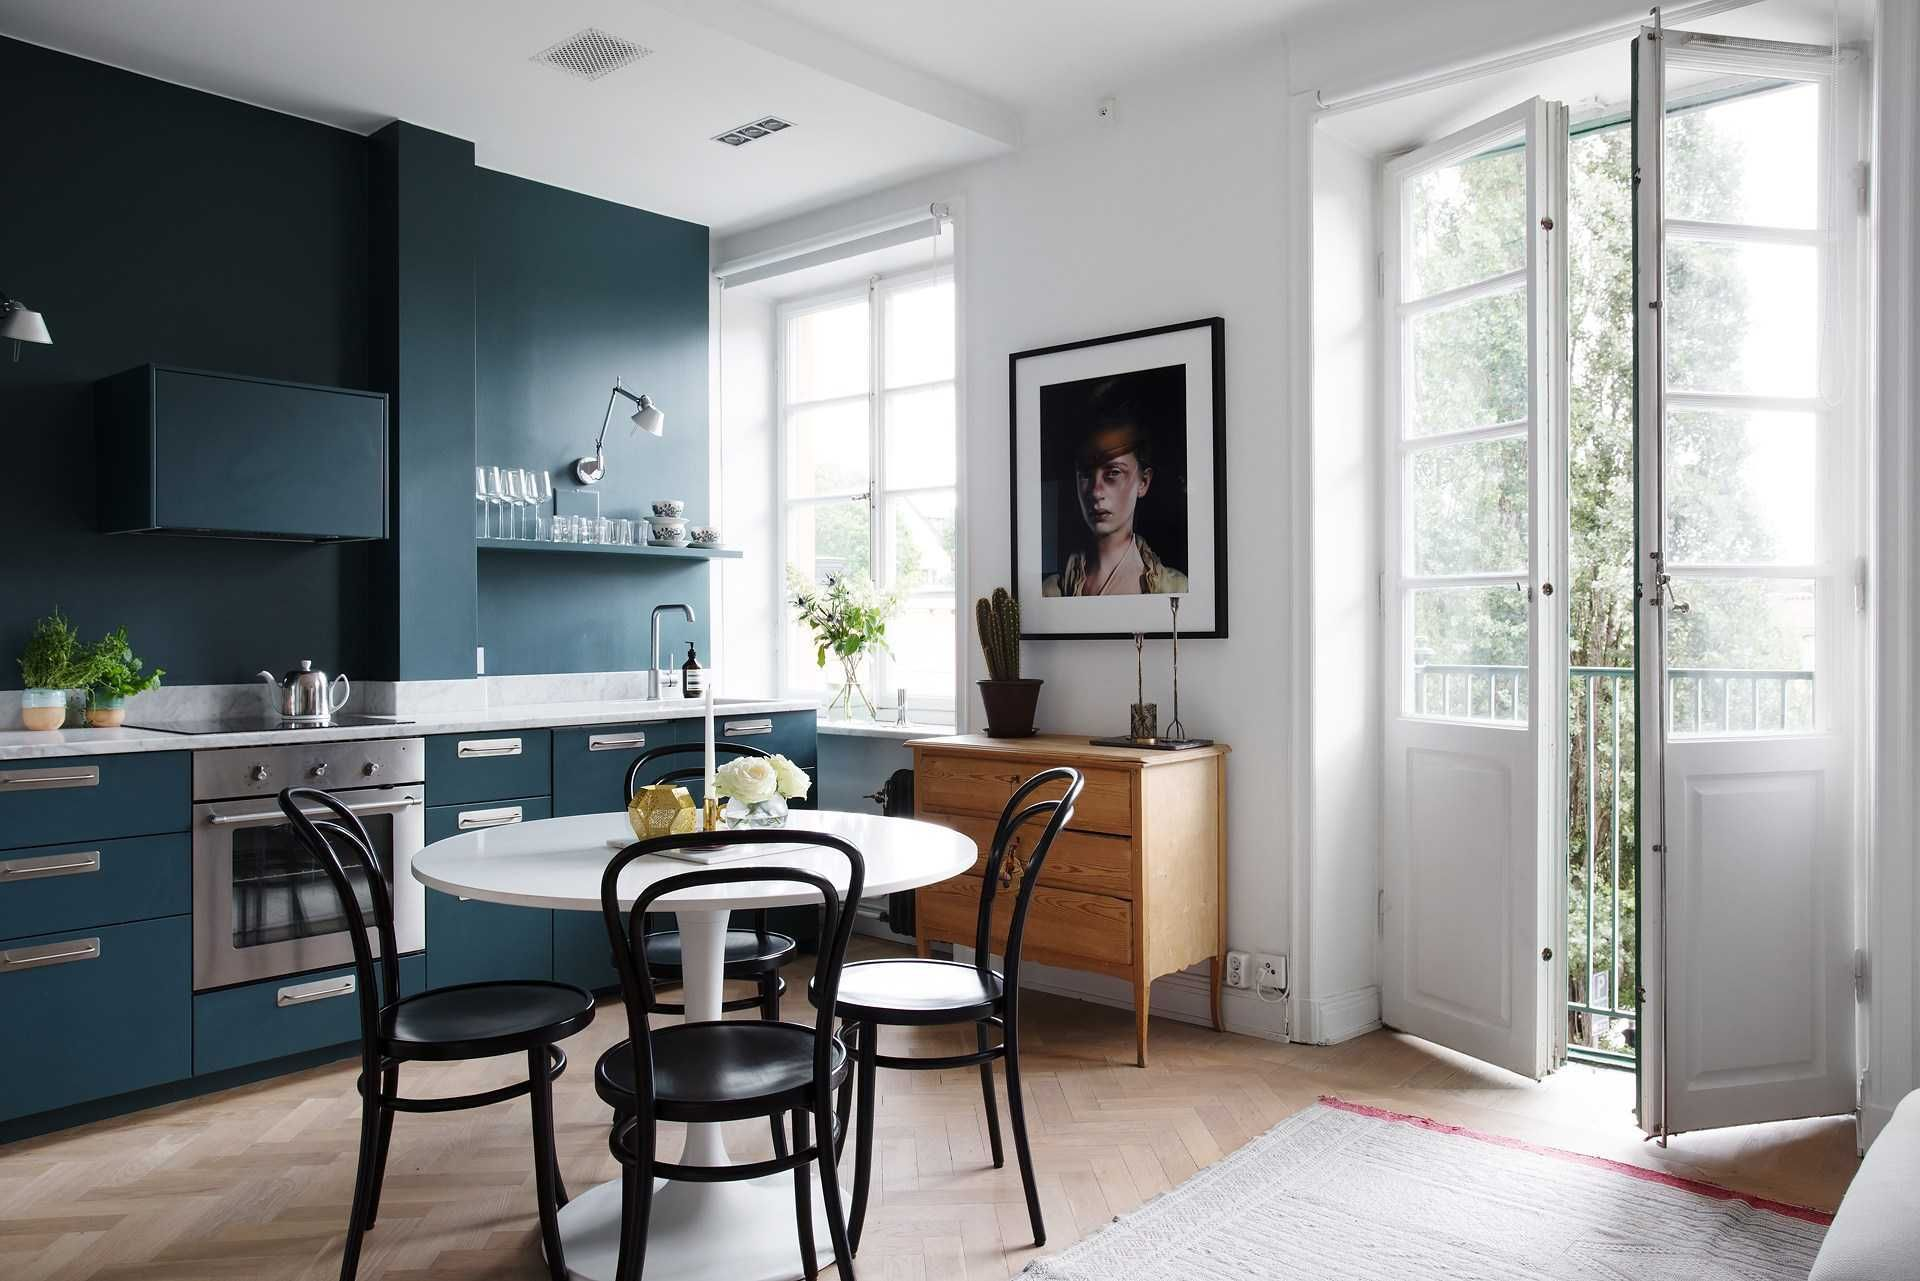 Color Paredes Para Muebles Oscuros Decoracion Puertas Blancas Modelos Suelo Gris Sofa Pisos Imagenes Decoracion De Cocina Decoracion De Cocina Moderna Muebles